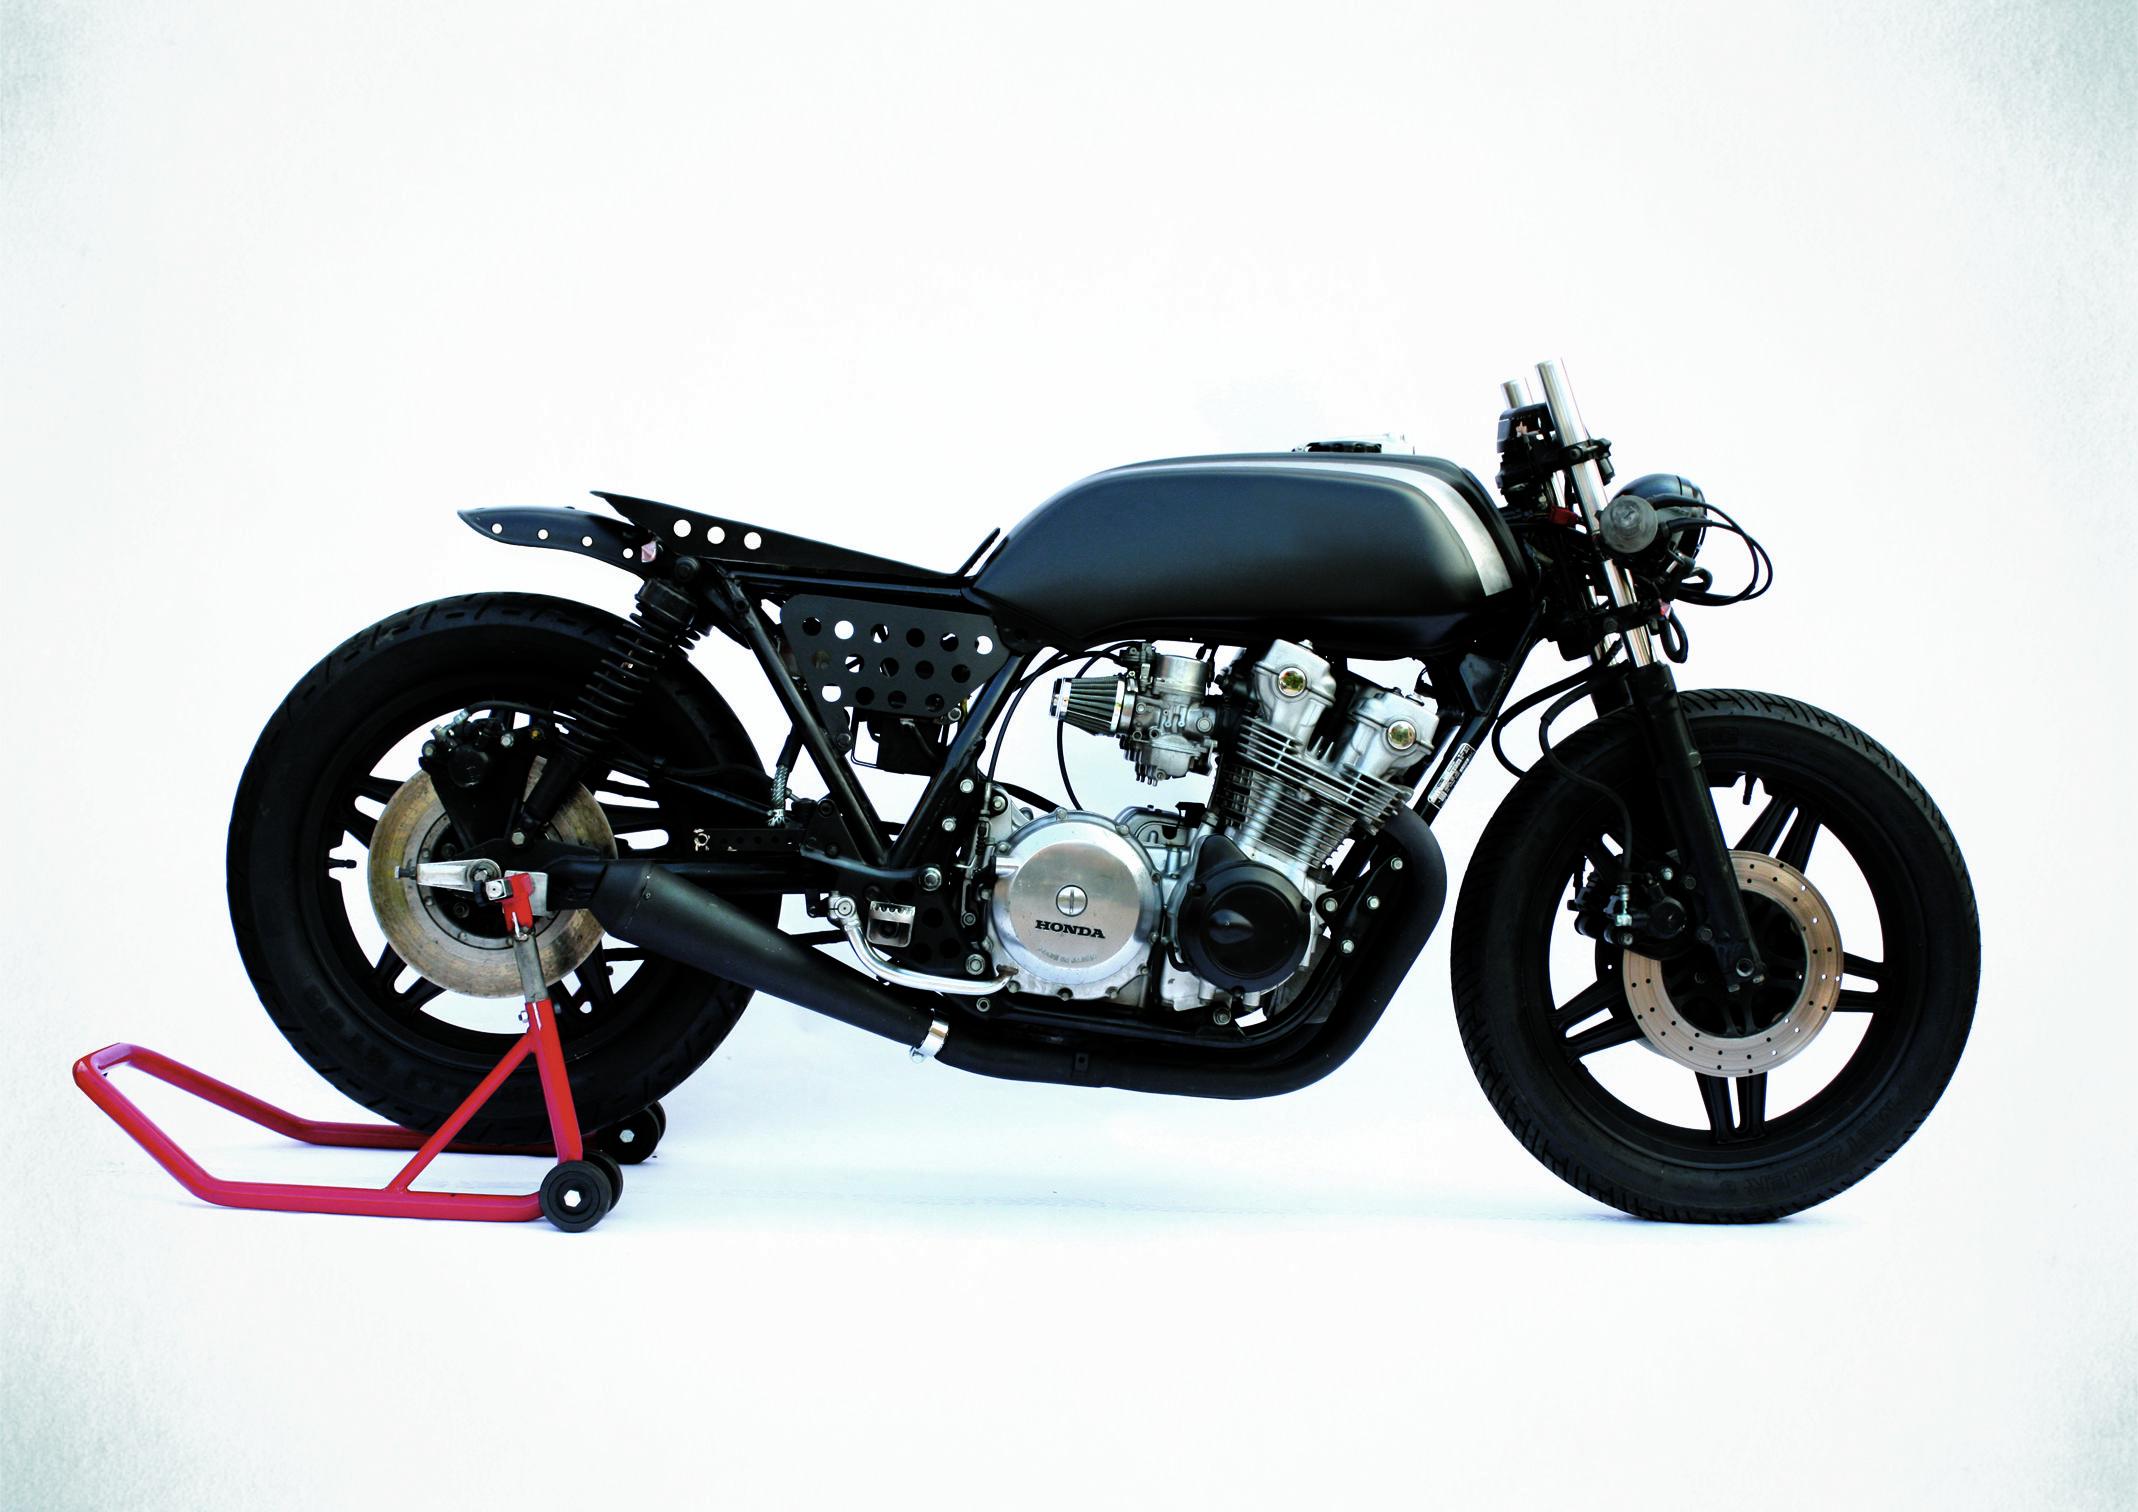 81 Honda Cb750 F Something Wild Anvil Motociclette Honda Cb750 Cafe Racer Motorcycle Motorcycle Design [ 1512 x 2138 Pixel ]